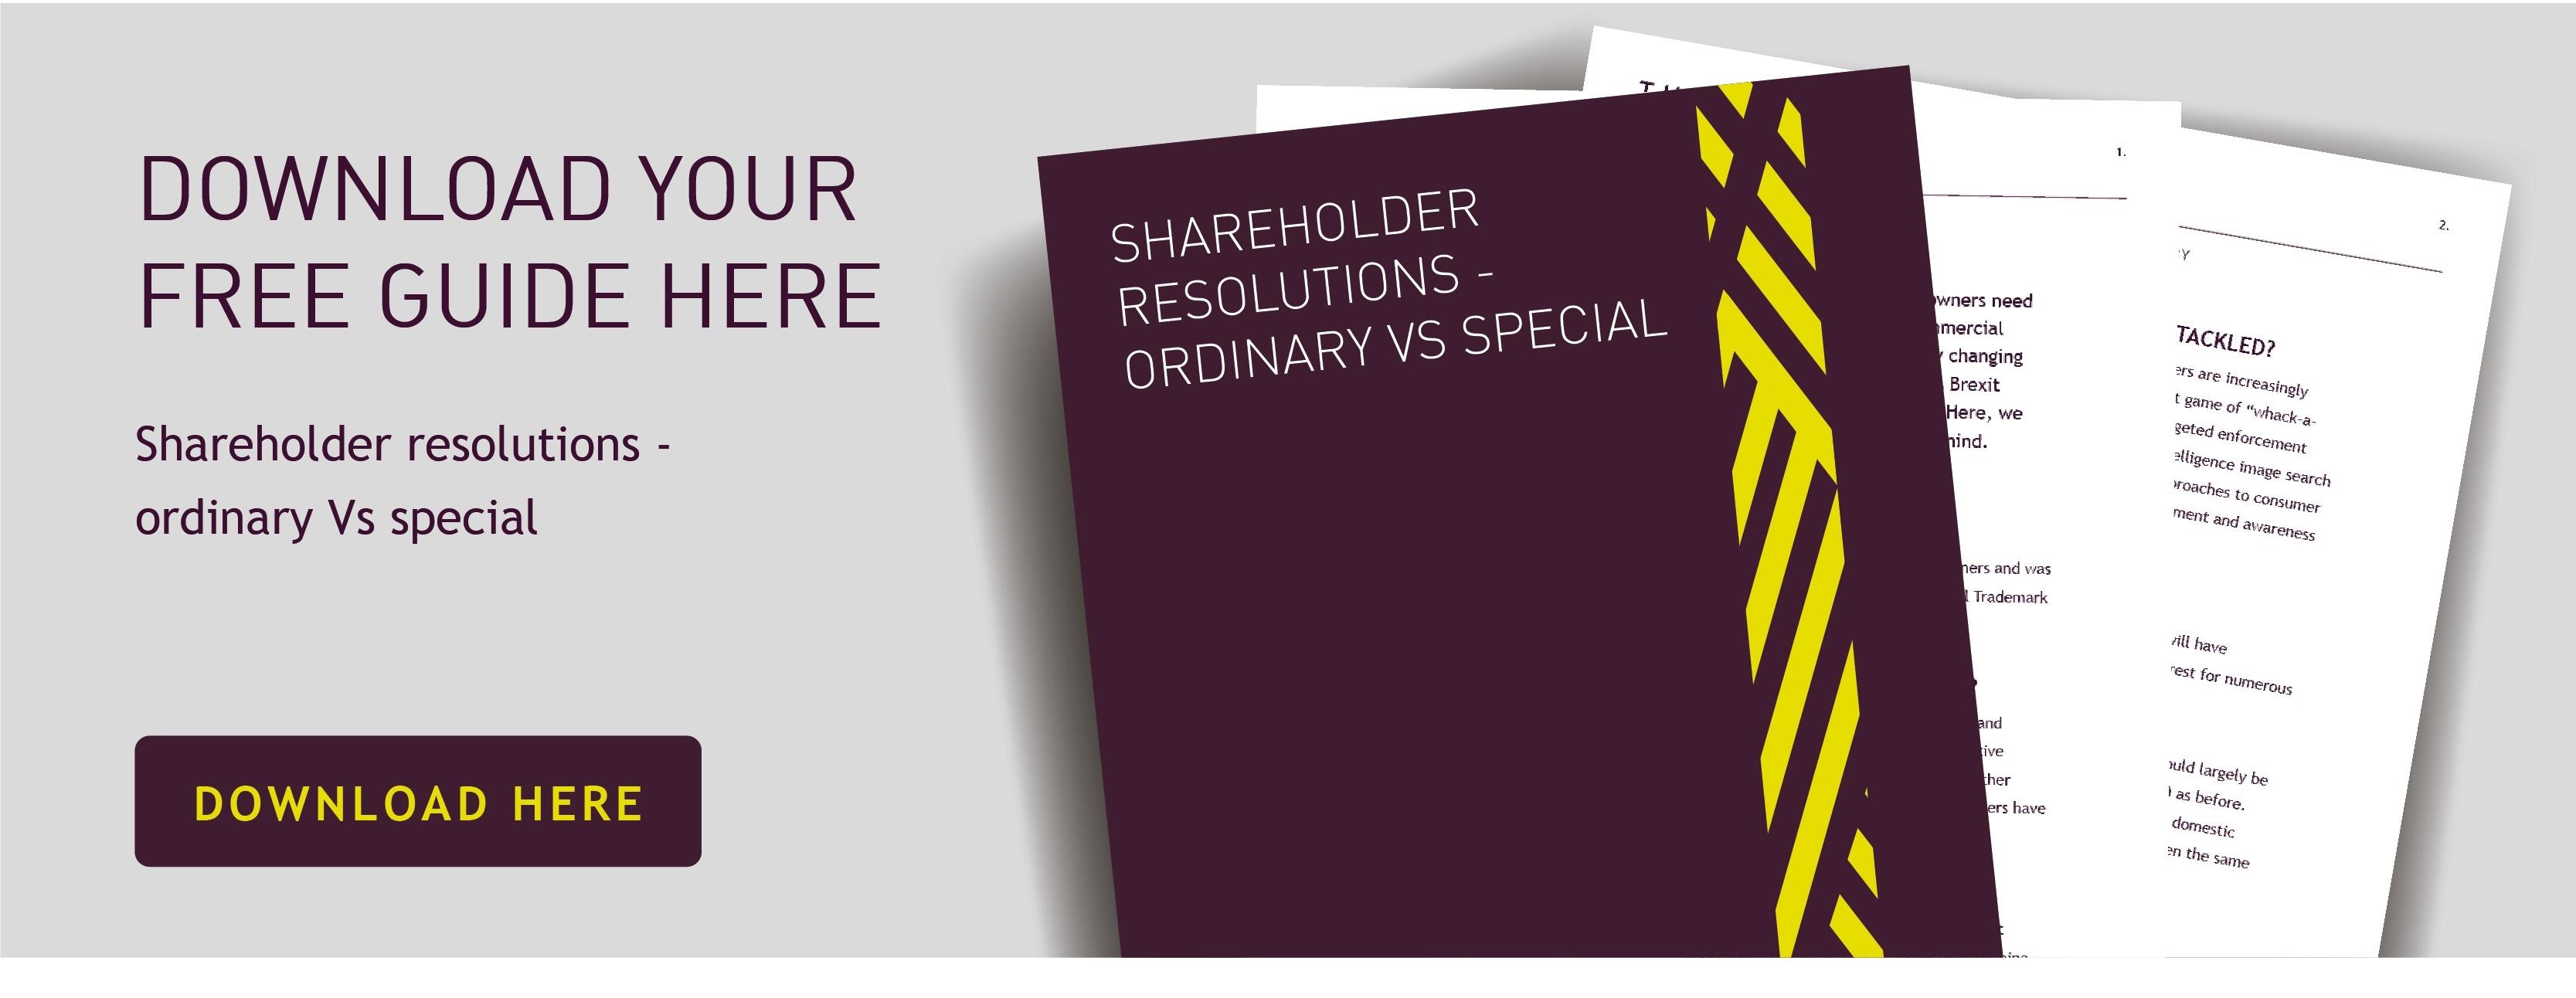 Shareholder Resolutions - Ordinary Vs Special